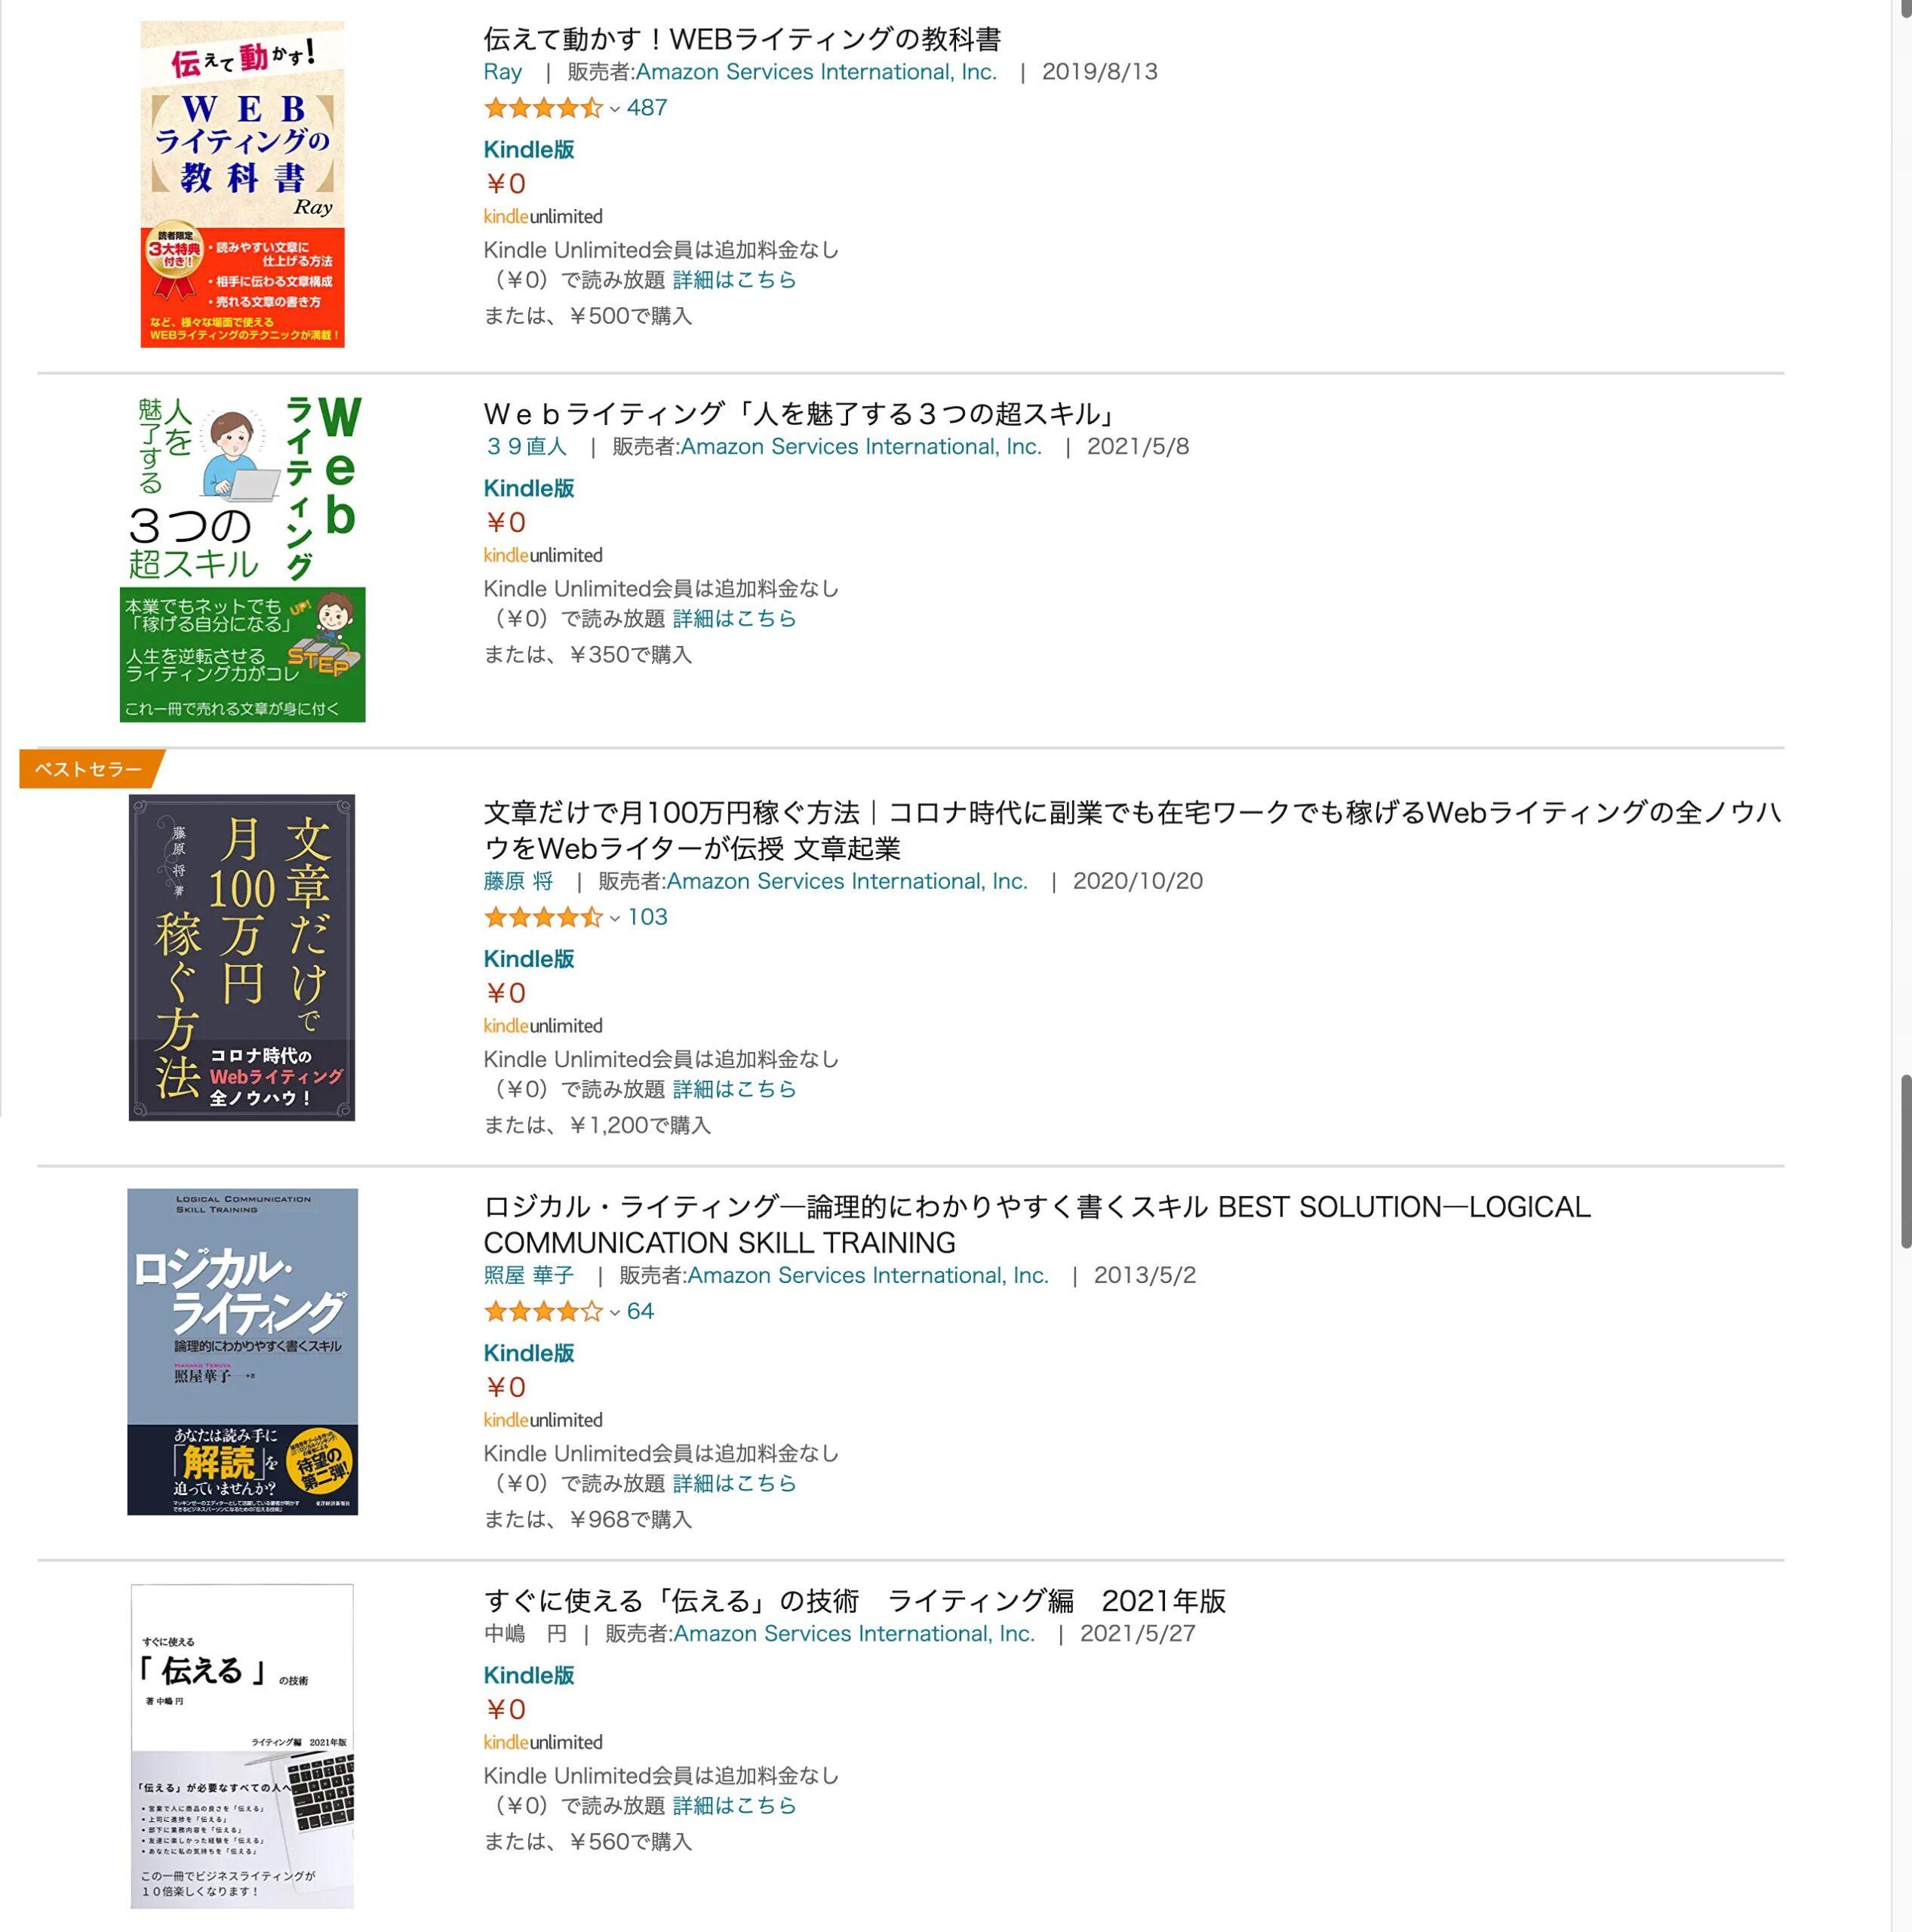 Kindle unlimitedのライティング関連書籍